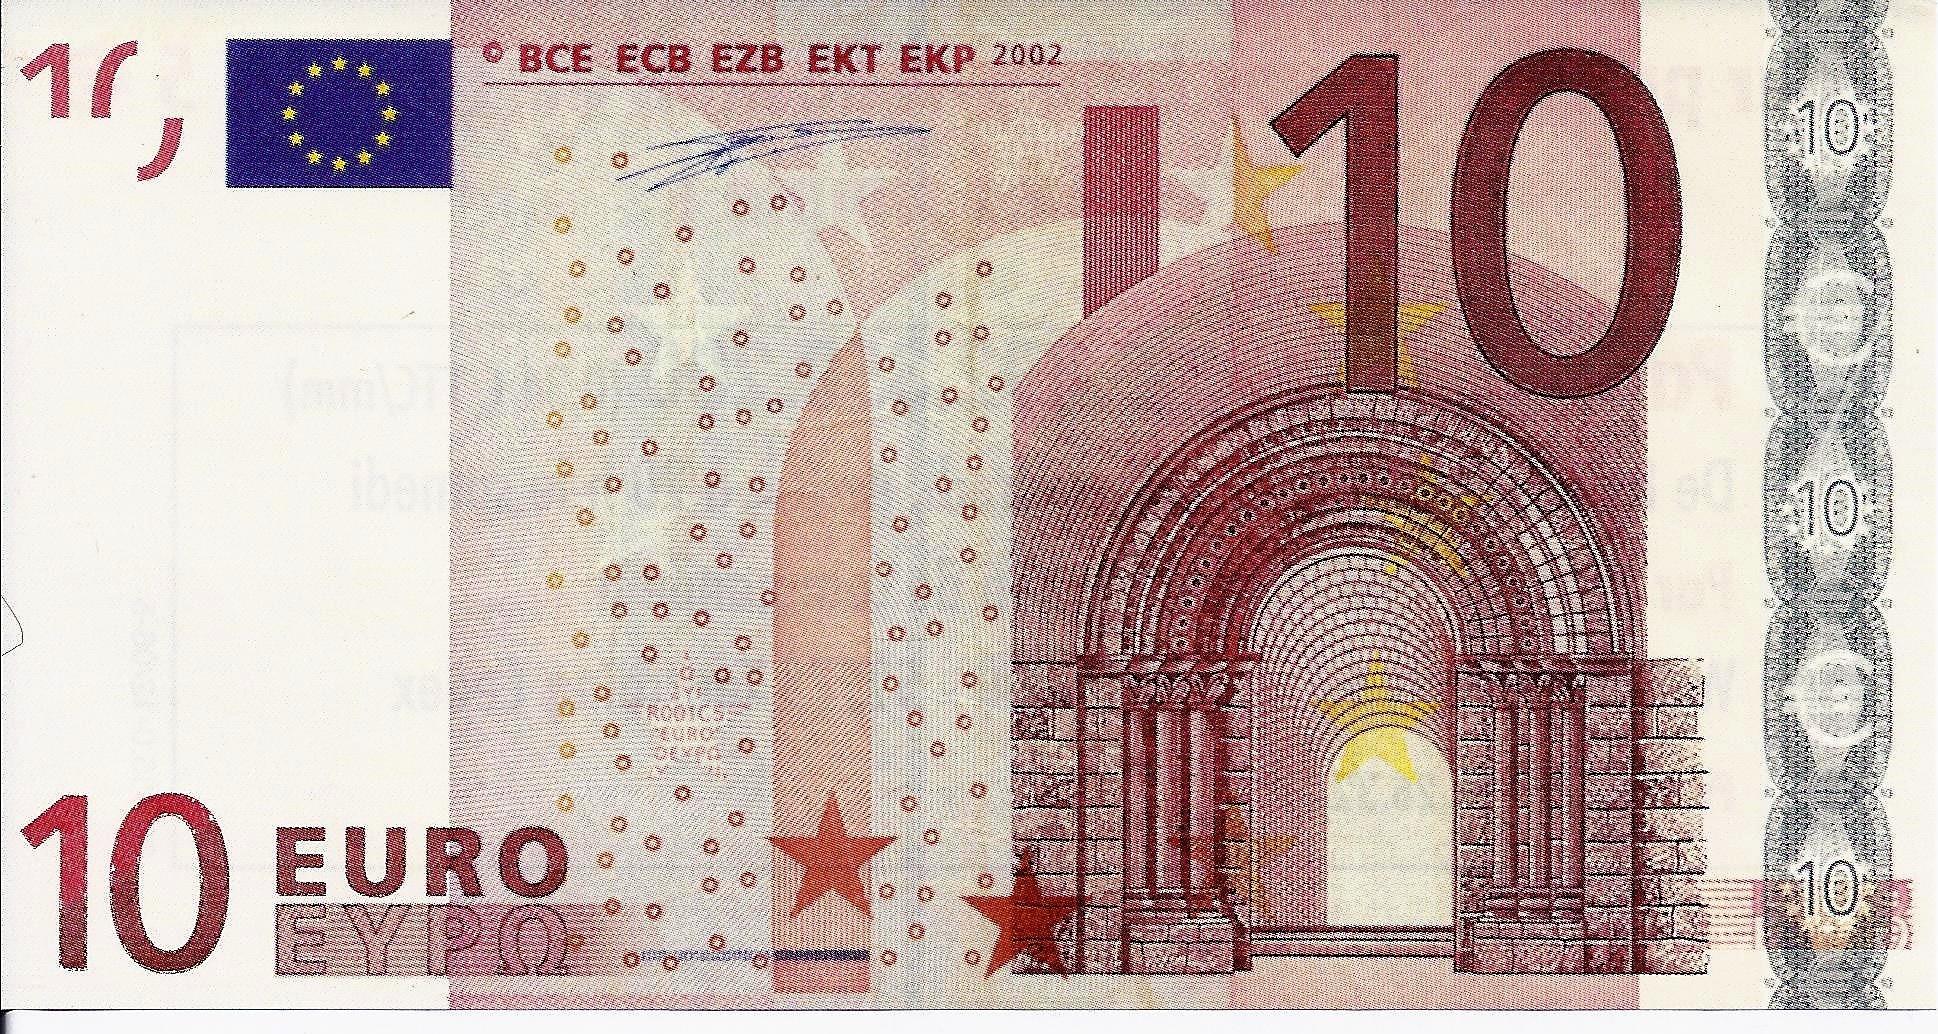 France - Billet Publicitaire De 10 Euros - Witt International - Neuf concernant Pieces Et Billets Euros À Imprimer